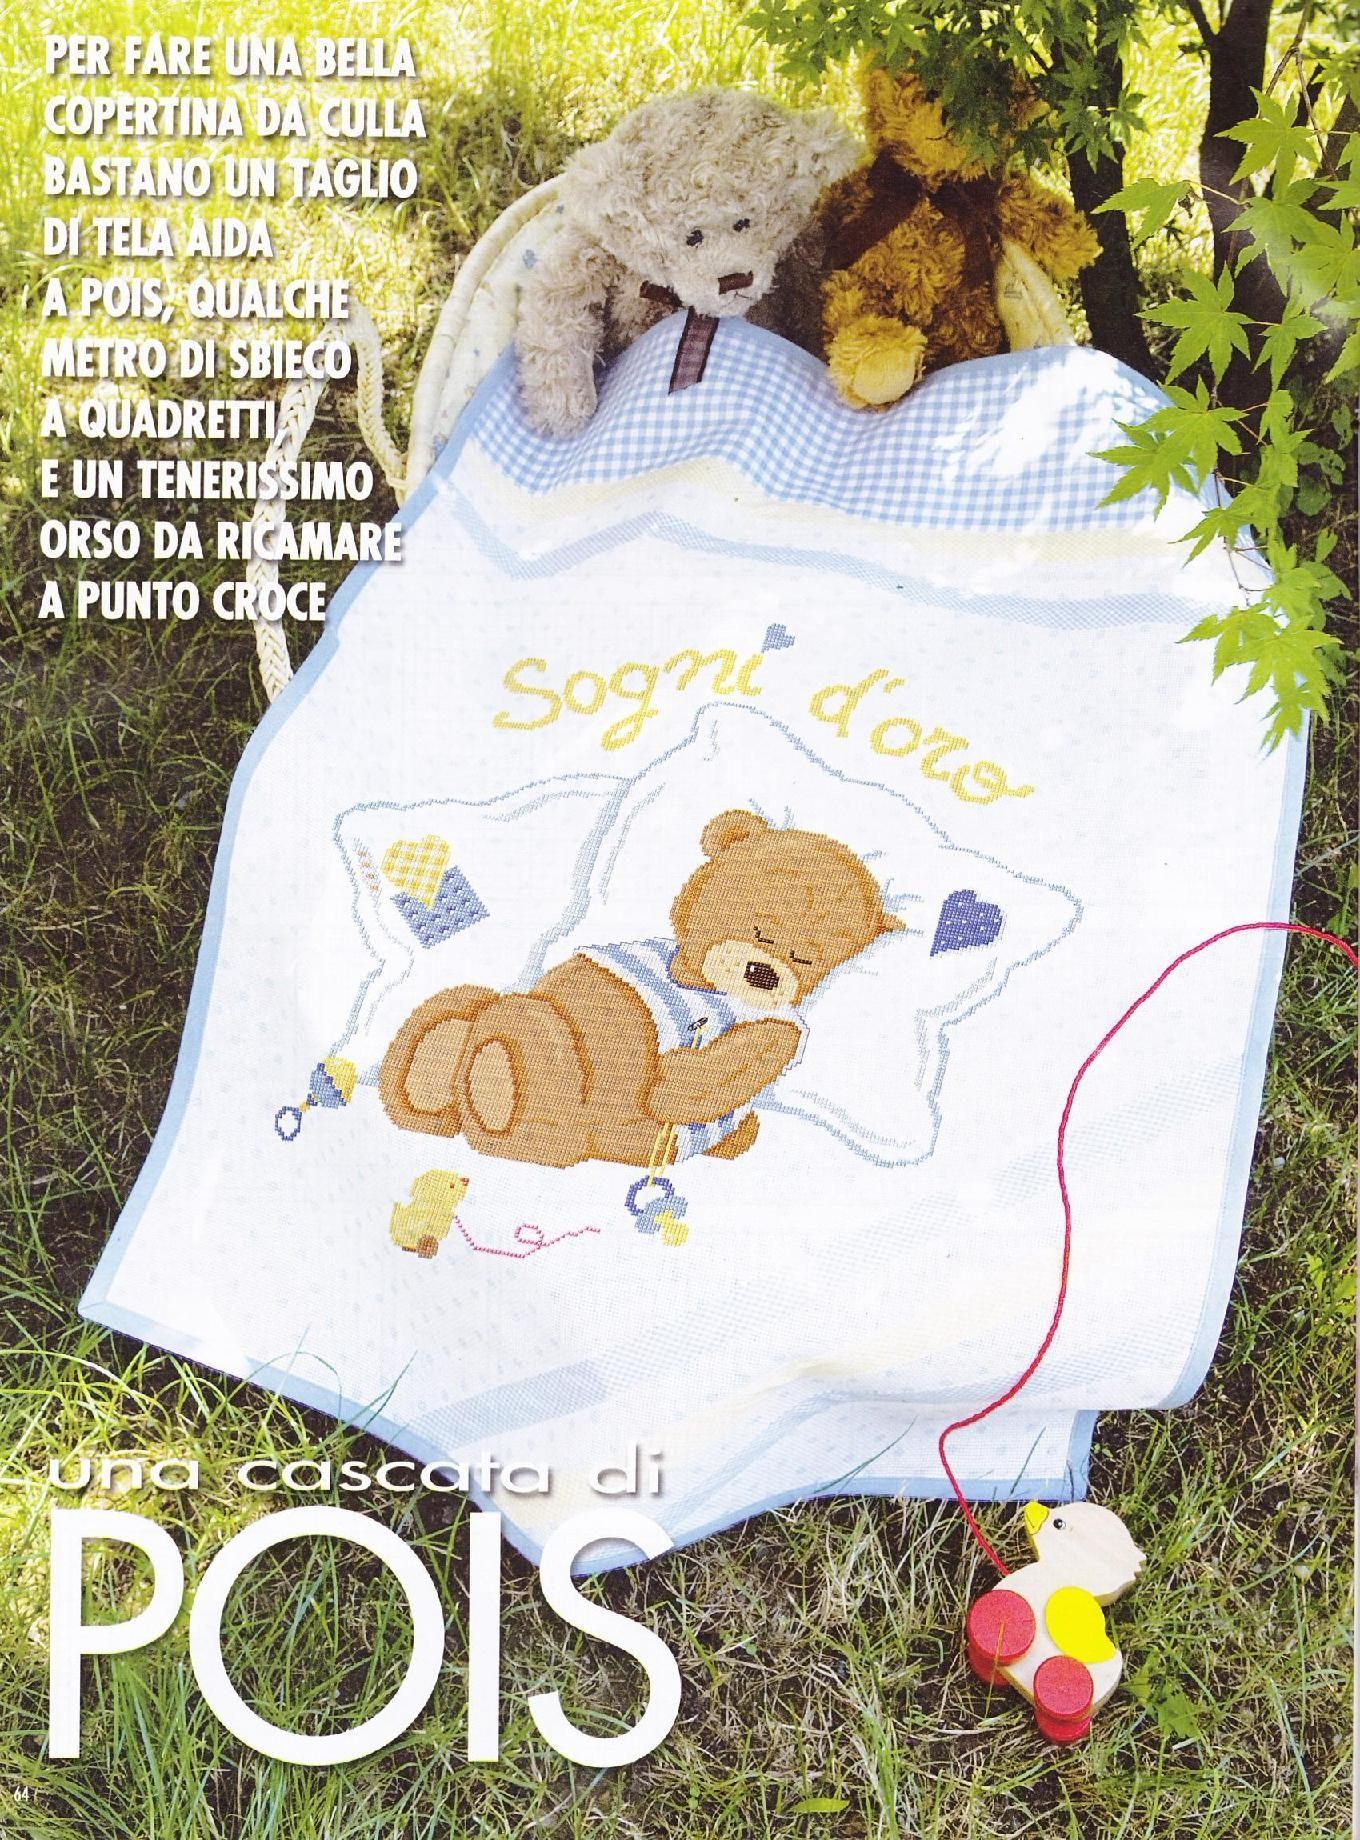 point de croix couverture bébé couverture bébé ous peluche sur l'oreiller (1)   Bébé   Pinterest point de croix couverture bébé